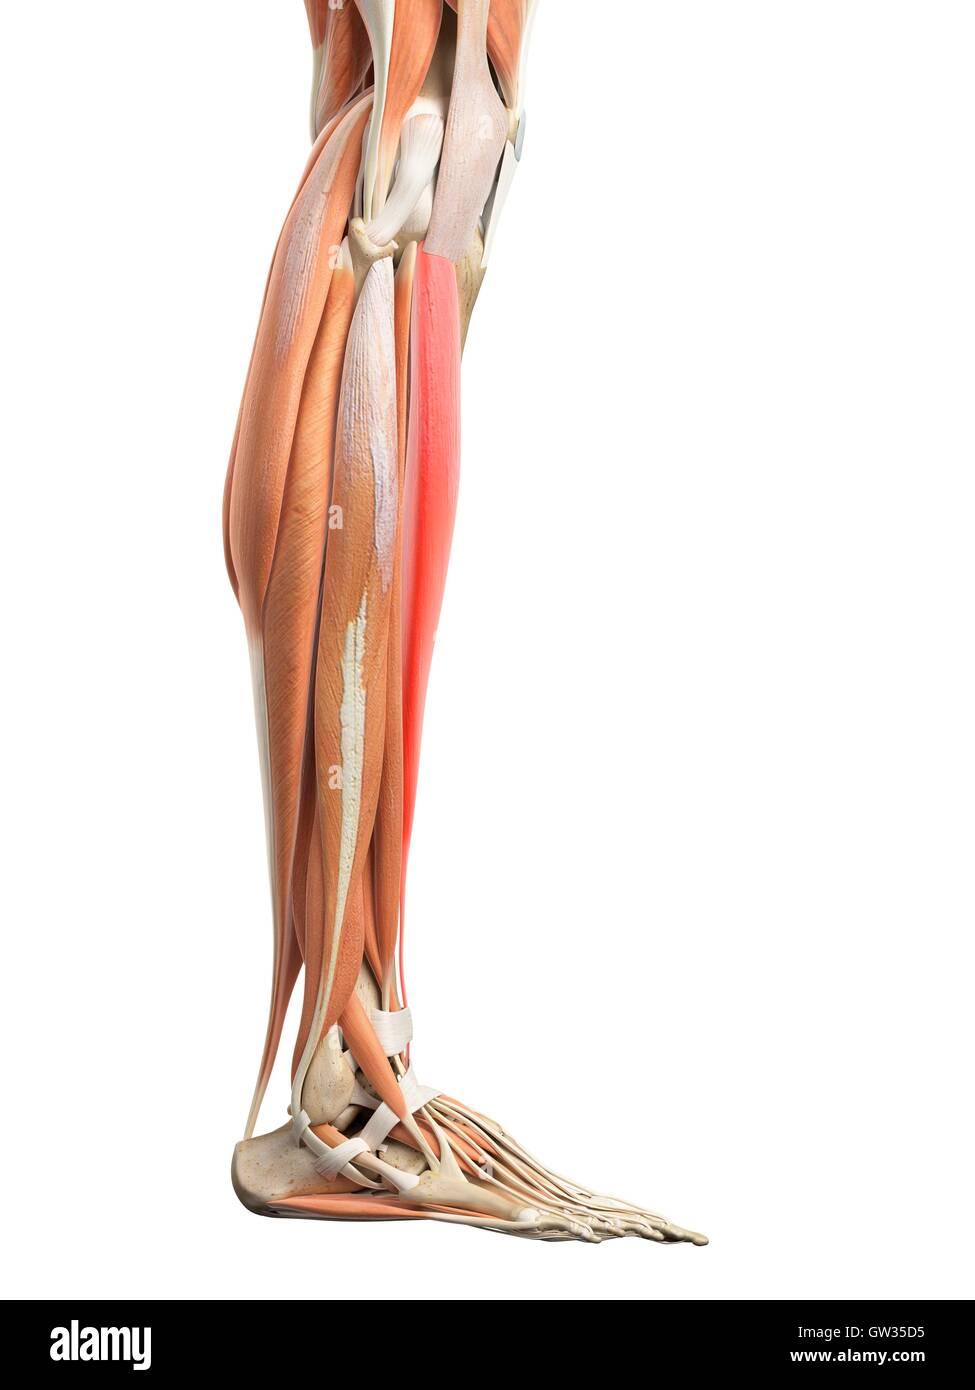 Gemütlich Menschliche Beinmuskeln Zeitgenössisch - Anatomie Ideen ...